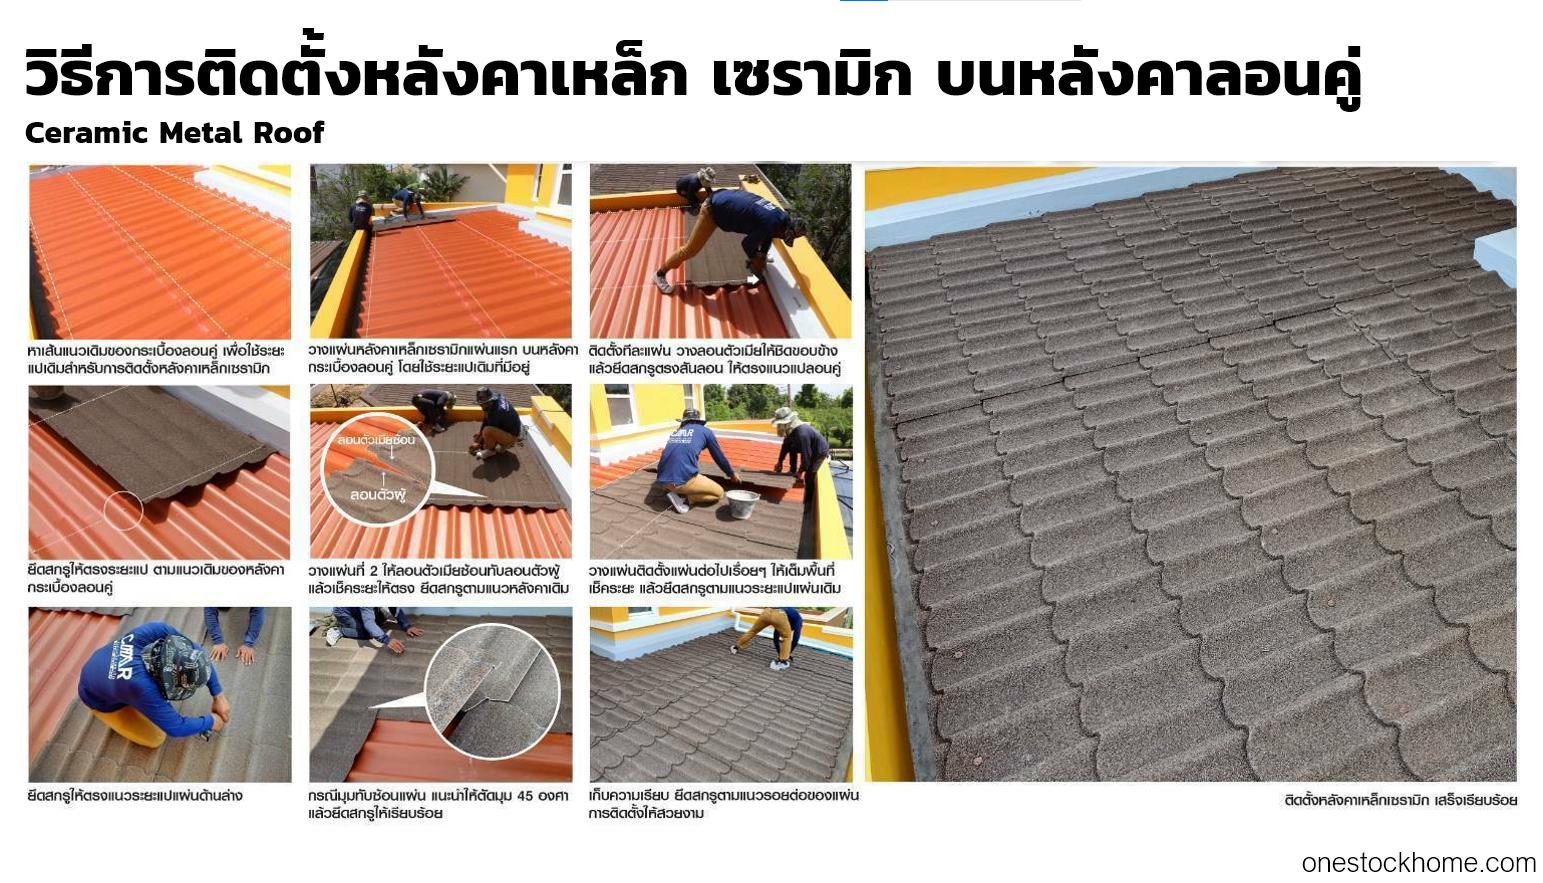 วิธีการติดตั้งหลังคาเหล็ก เซรามิก บนหลังคาลอนคู่ Ceramic Metal Roof